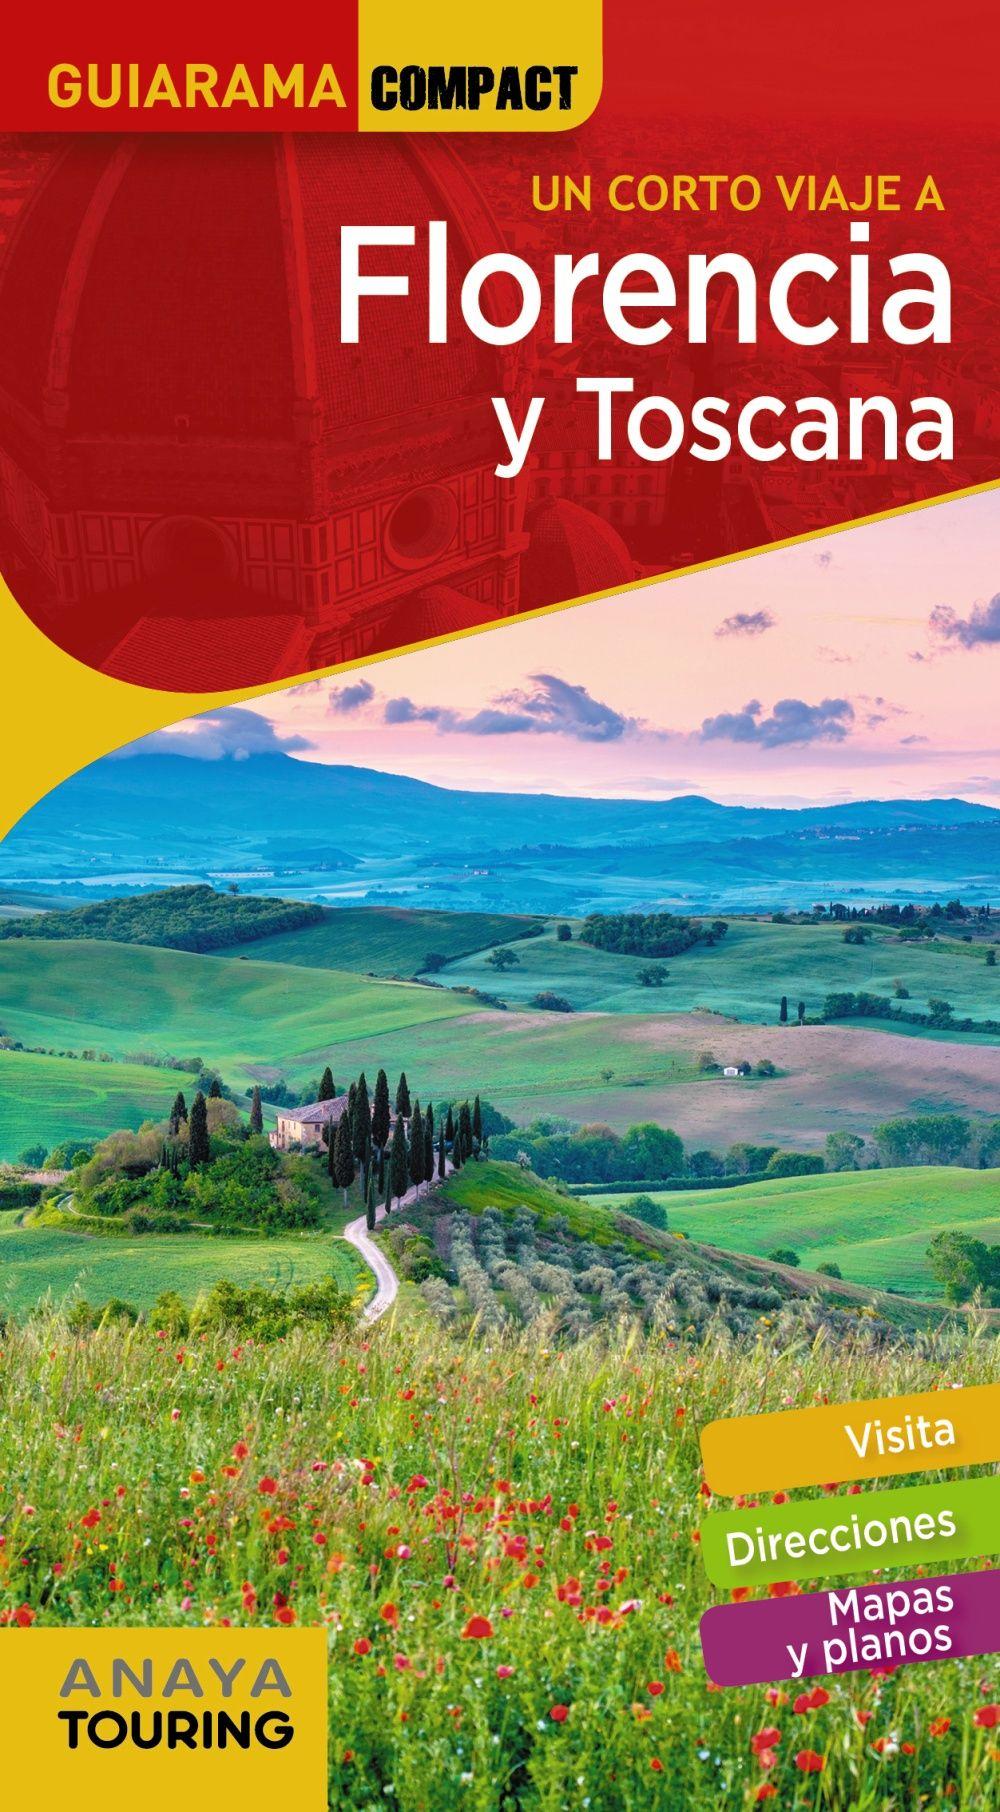 FLORENCIA Y TOSCANA GUIARAMA